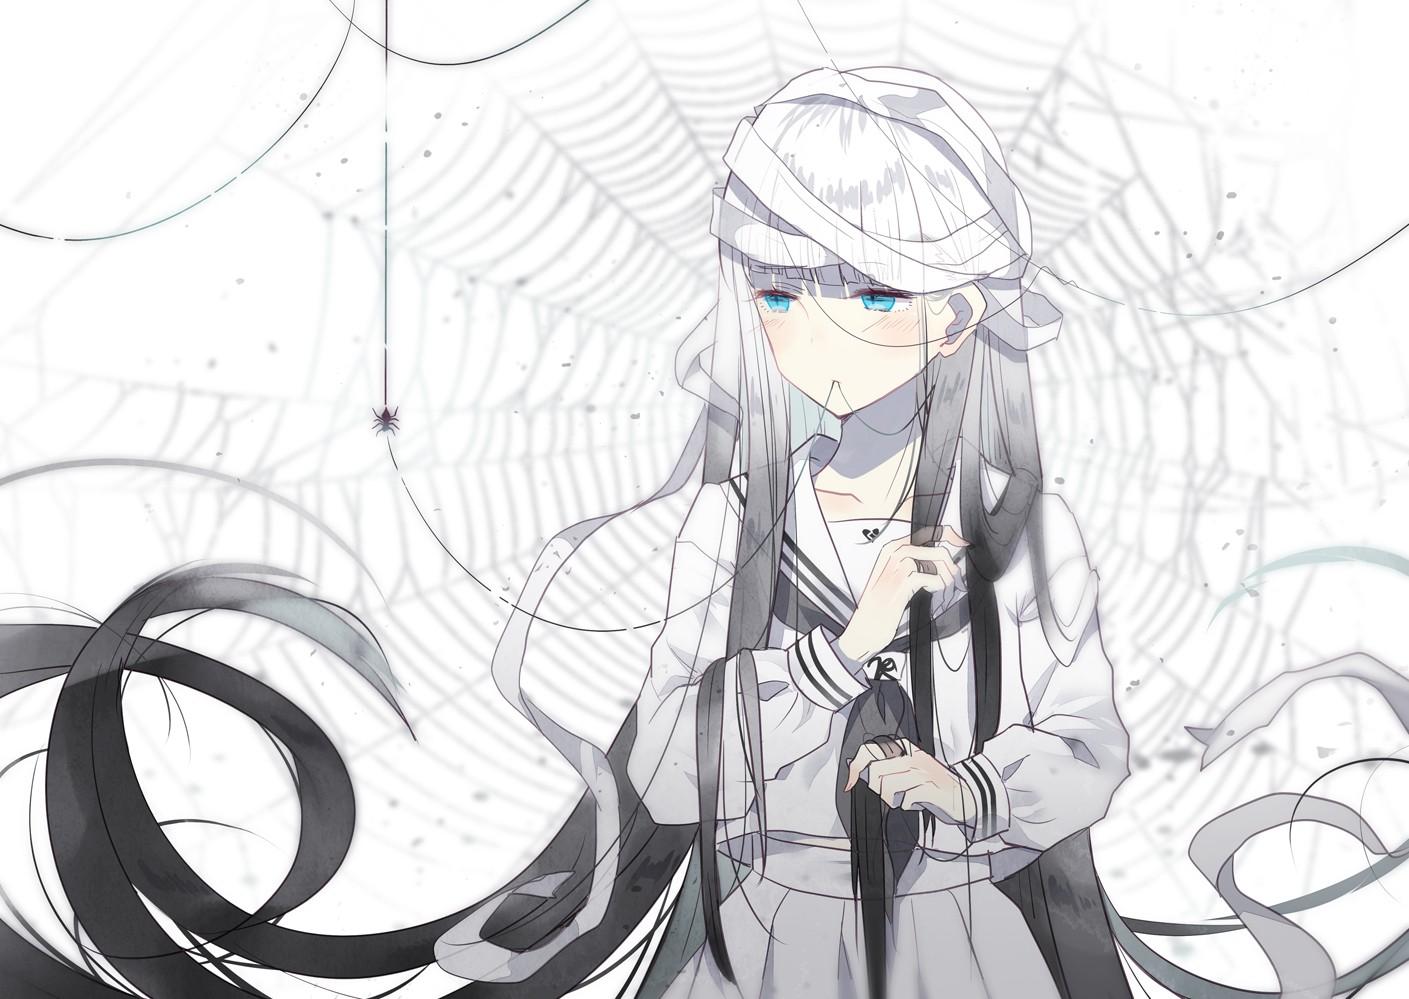 Ảnh Anime trắng đen đơn giản đẹp nhất